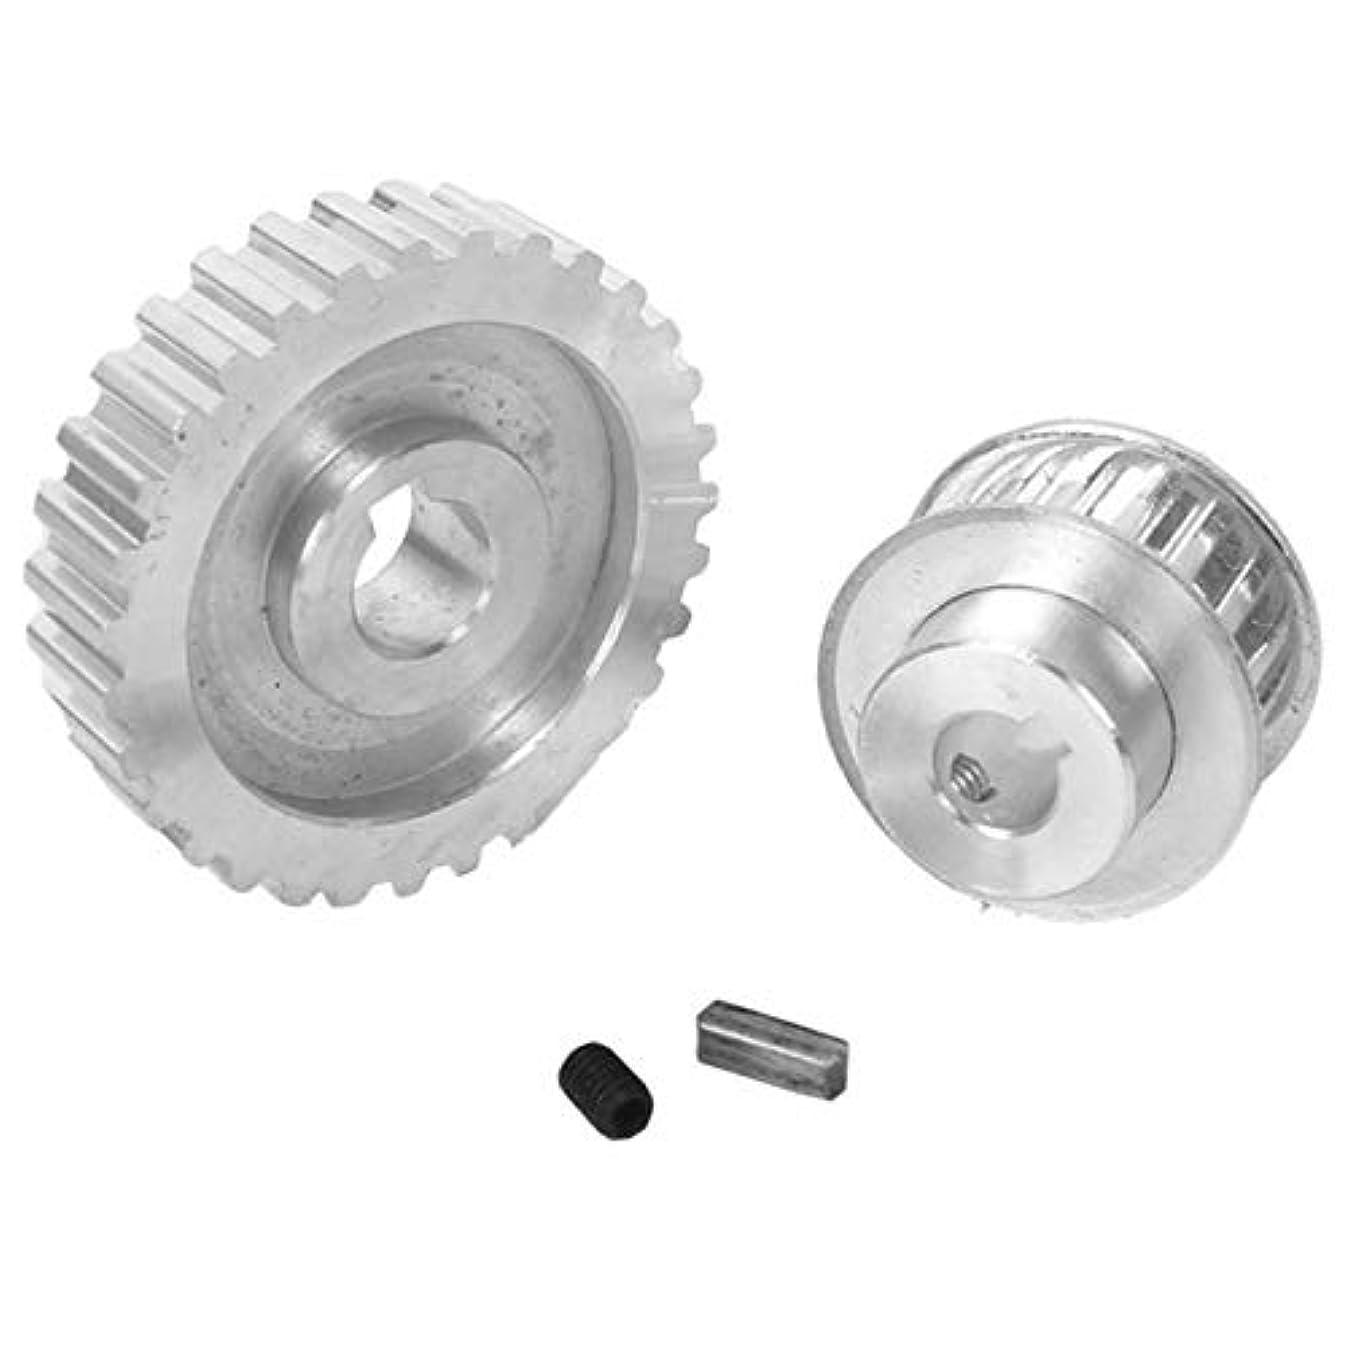 石鹸返還伝導TOP 2個機械歯車、色の金属切削同期プーリーギアモーターベルトギアドライブホイールギアS/N Cj0618ミニ旋盤歯車メタル:銀 (Color : Silver)